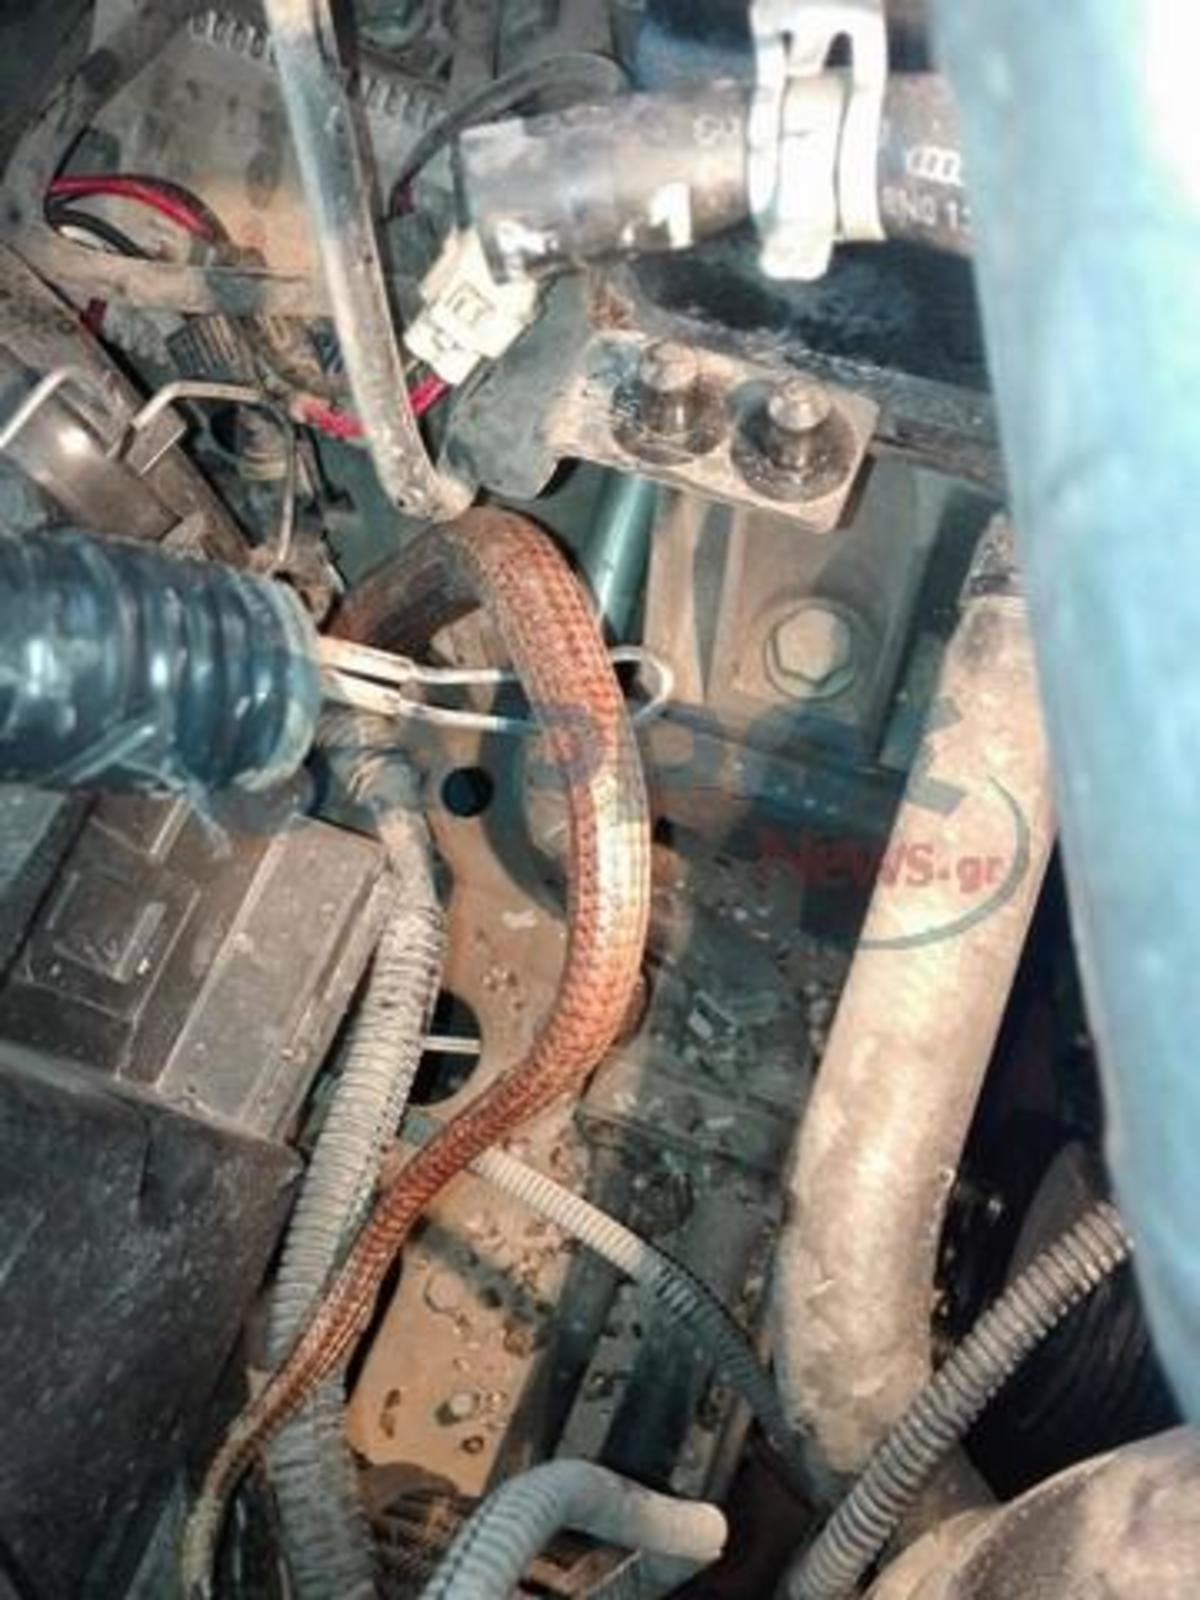 Φίδι διέλυσε τη μηχανή αυτοκίνητου στην Καλαμάτα [pics] fidi2